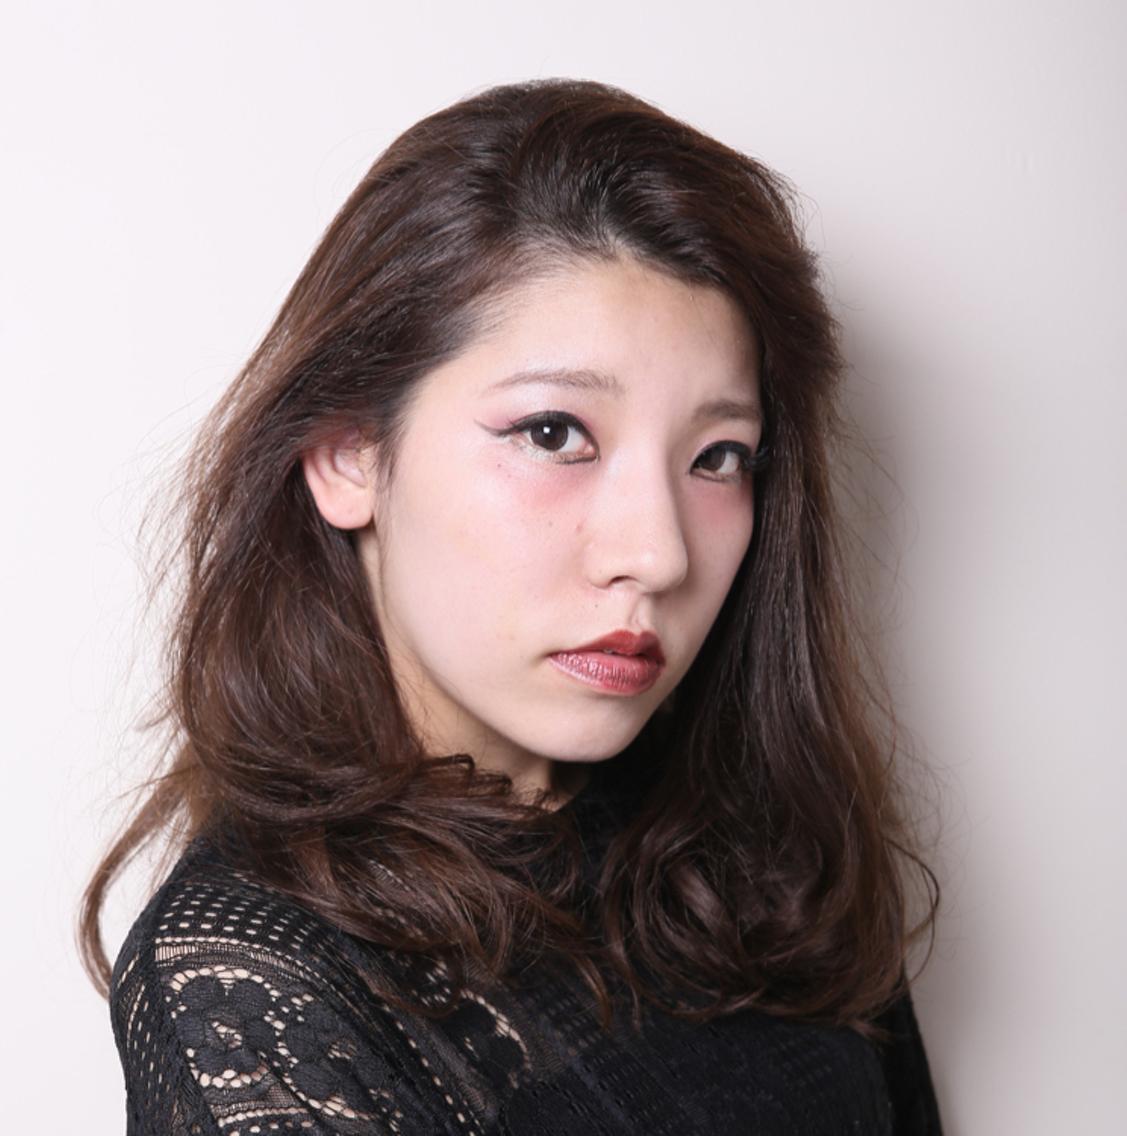 【急募】11/13撮影モデル募集